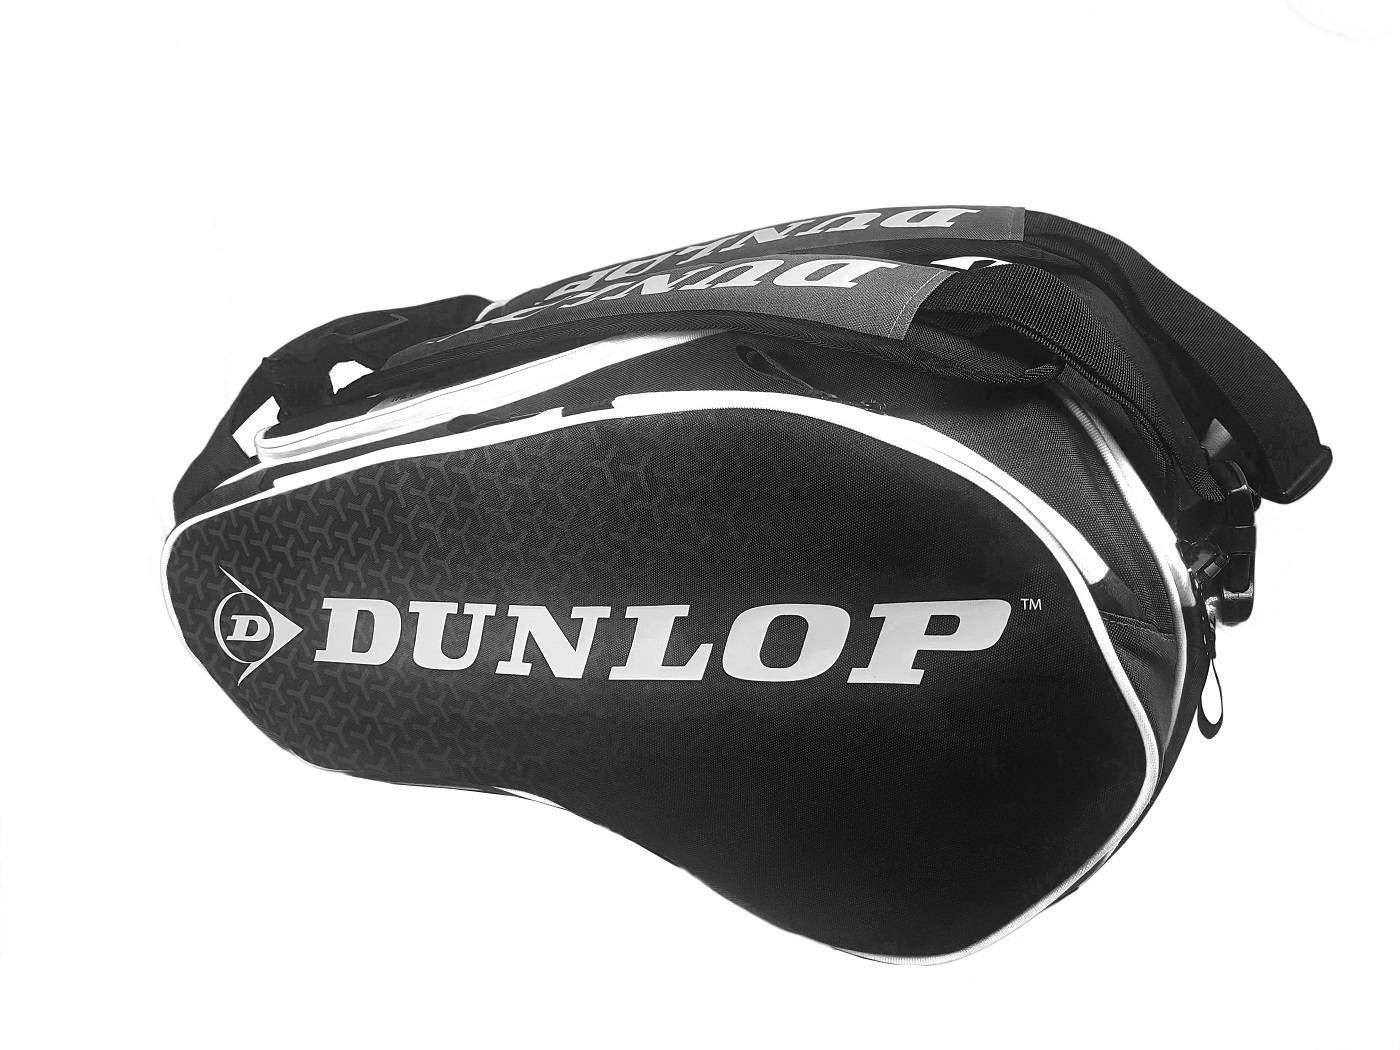 Dunlop Paletero Elite negro Blanco: Amazon.es: Deportes y aire libre